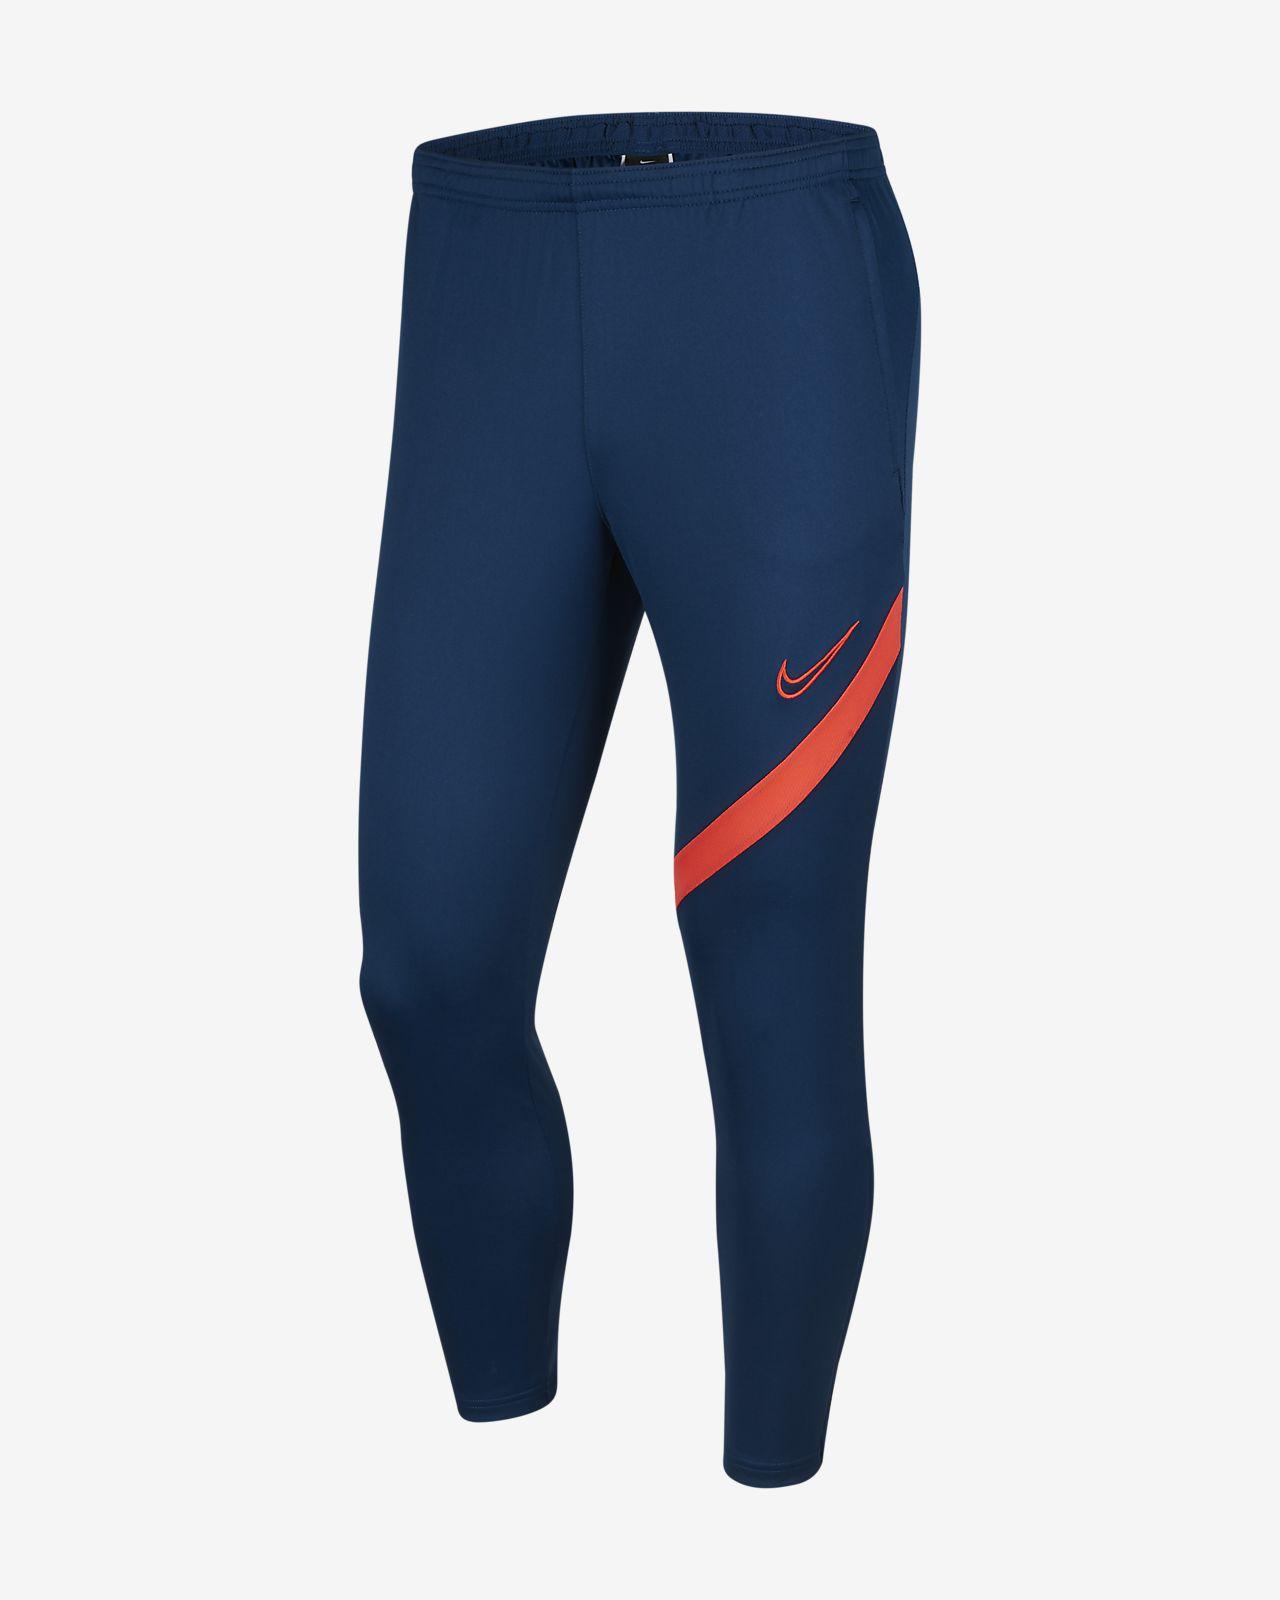 กางเกงฟุตบอลผู้ชาย Nike Dri-FIT Academy Pro